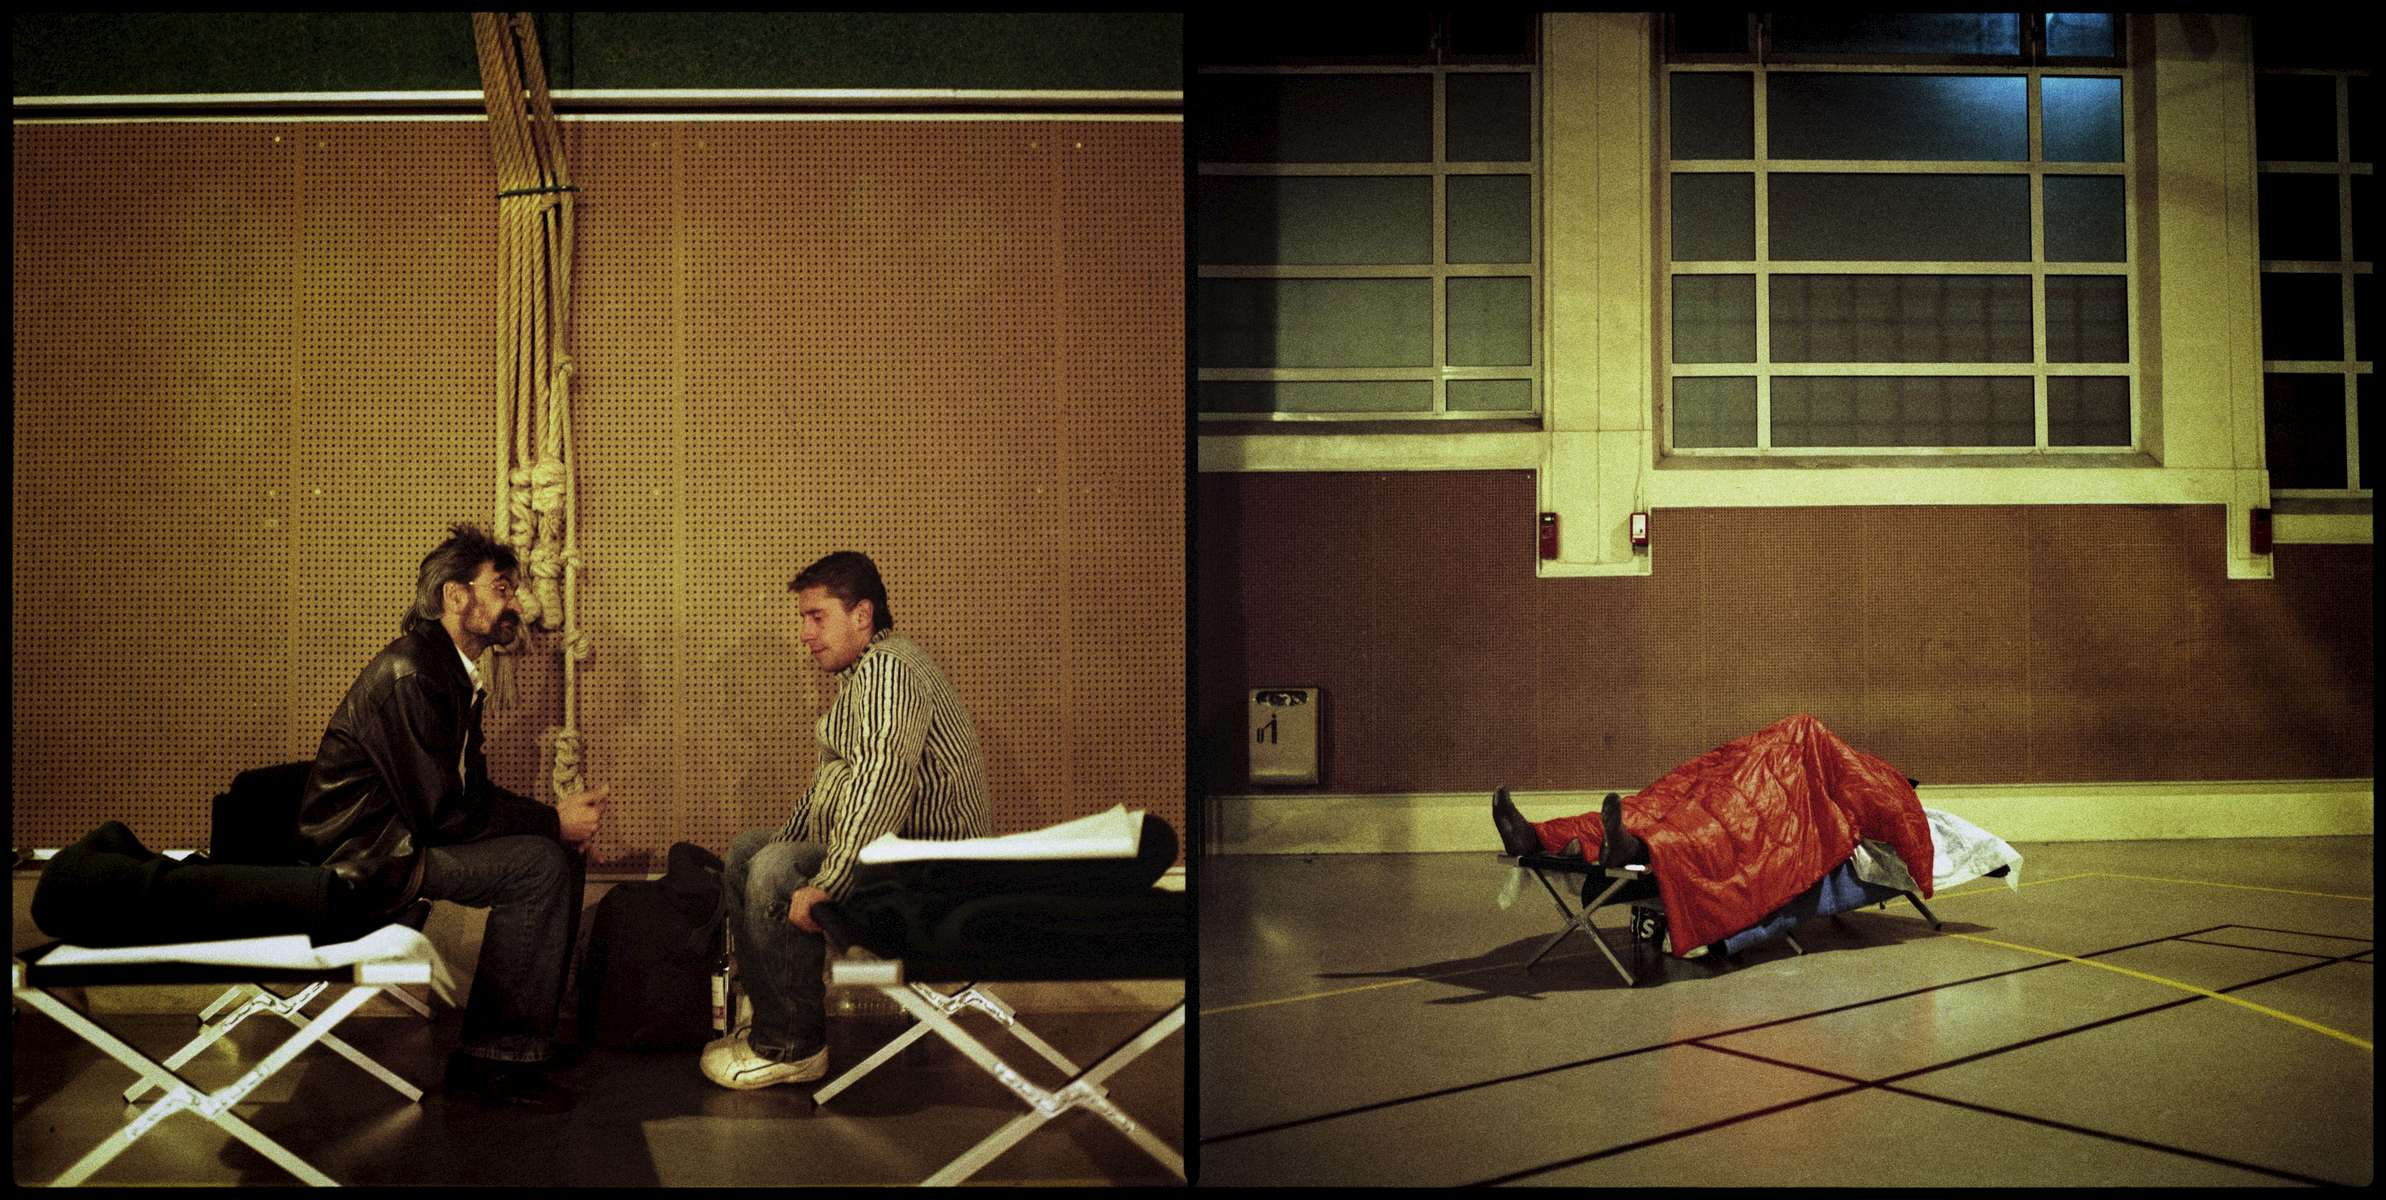 Gérard et Jean-Noël. Gymnase Paul Gauguin (Paris IXème). Jean-Noël a 27 ans et vit dans la rue depuis 11 ans. Il vient de retrouver un boulot et commence le 5 Janvier. Il dit être à la rue par choix mais admet que c'est parfois très dur. Il a un fils qu'il ne voit pas.